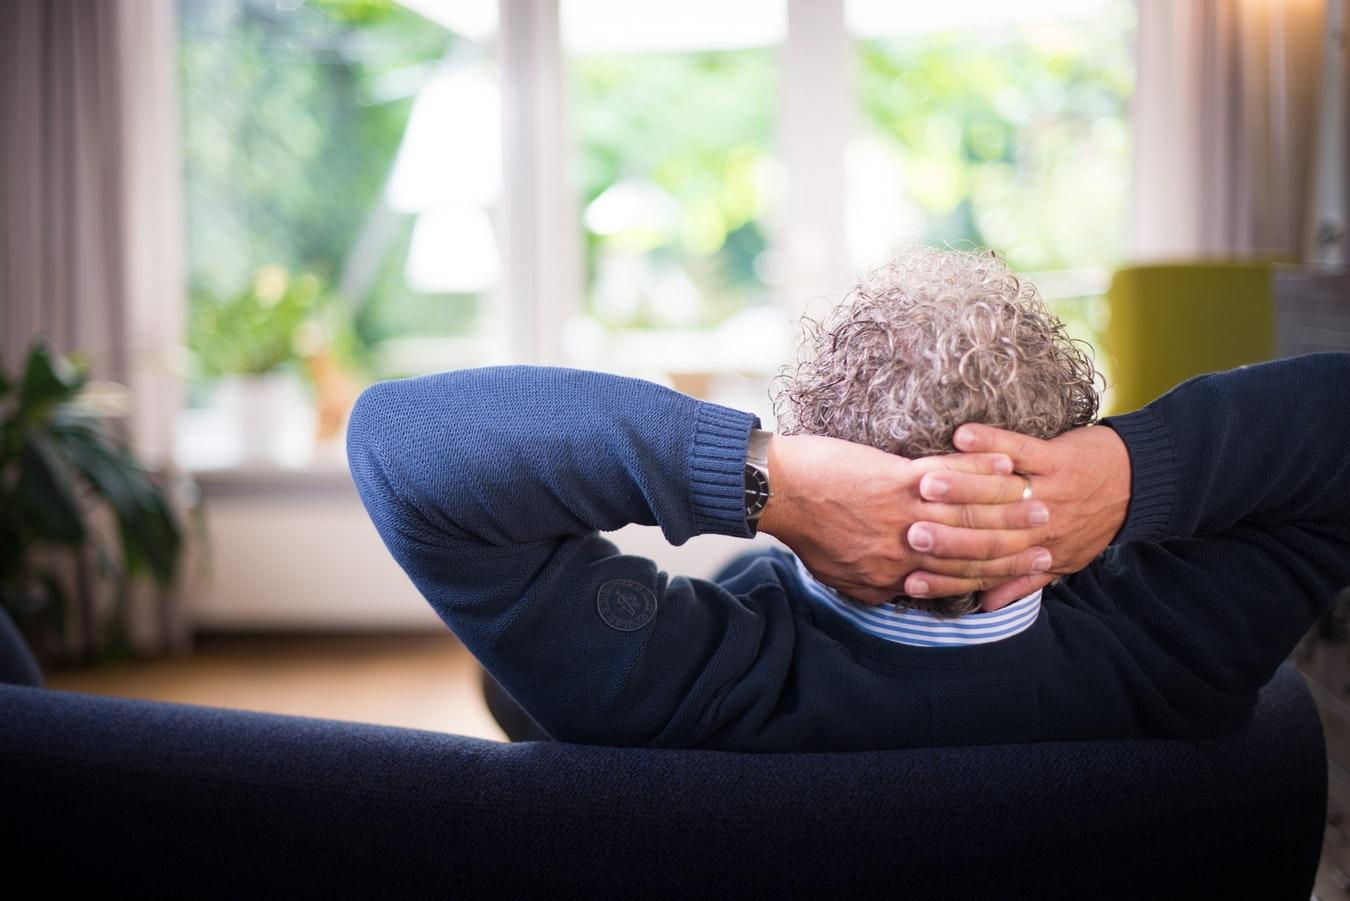 Un homme assis dans son canapé, regardant dans son jardin à travers la fenêtre vitrée (Photo : Unsplash).